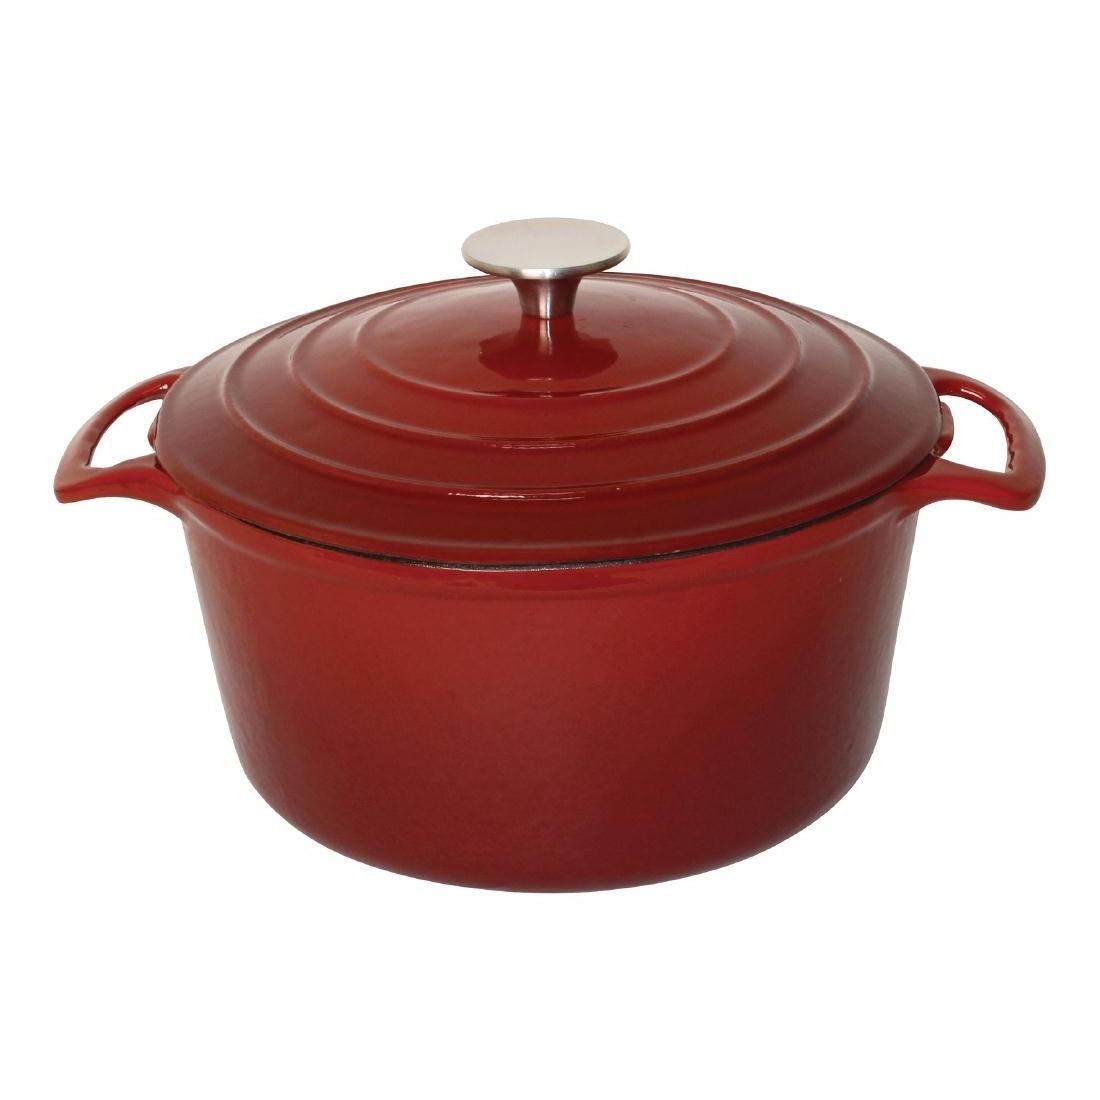 Vogue Red Round Casserole Dish 3.2Ltr